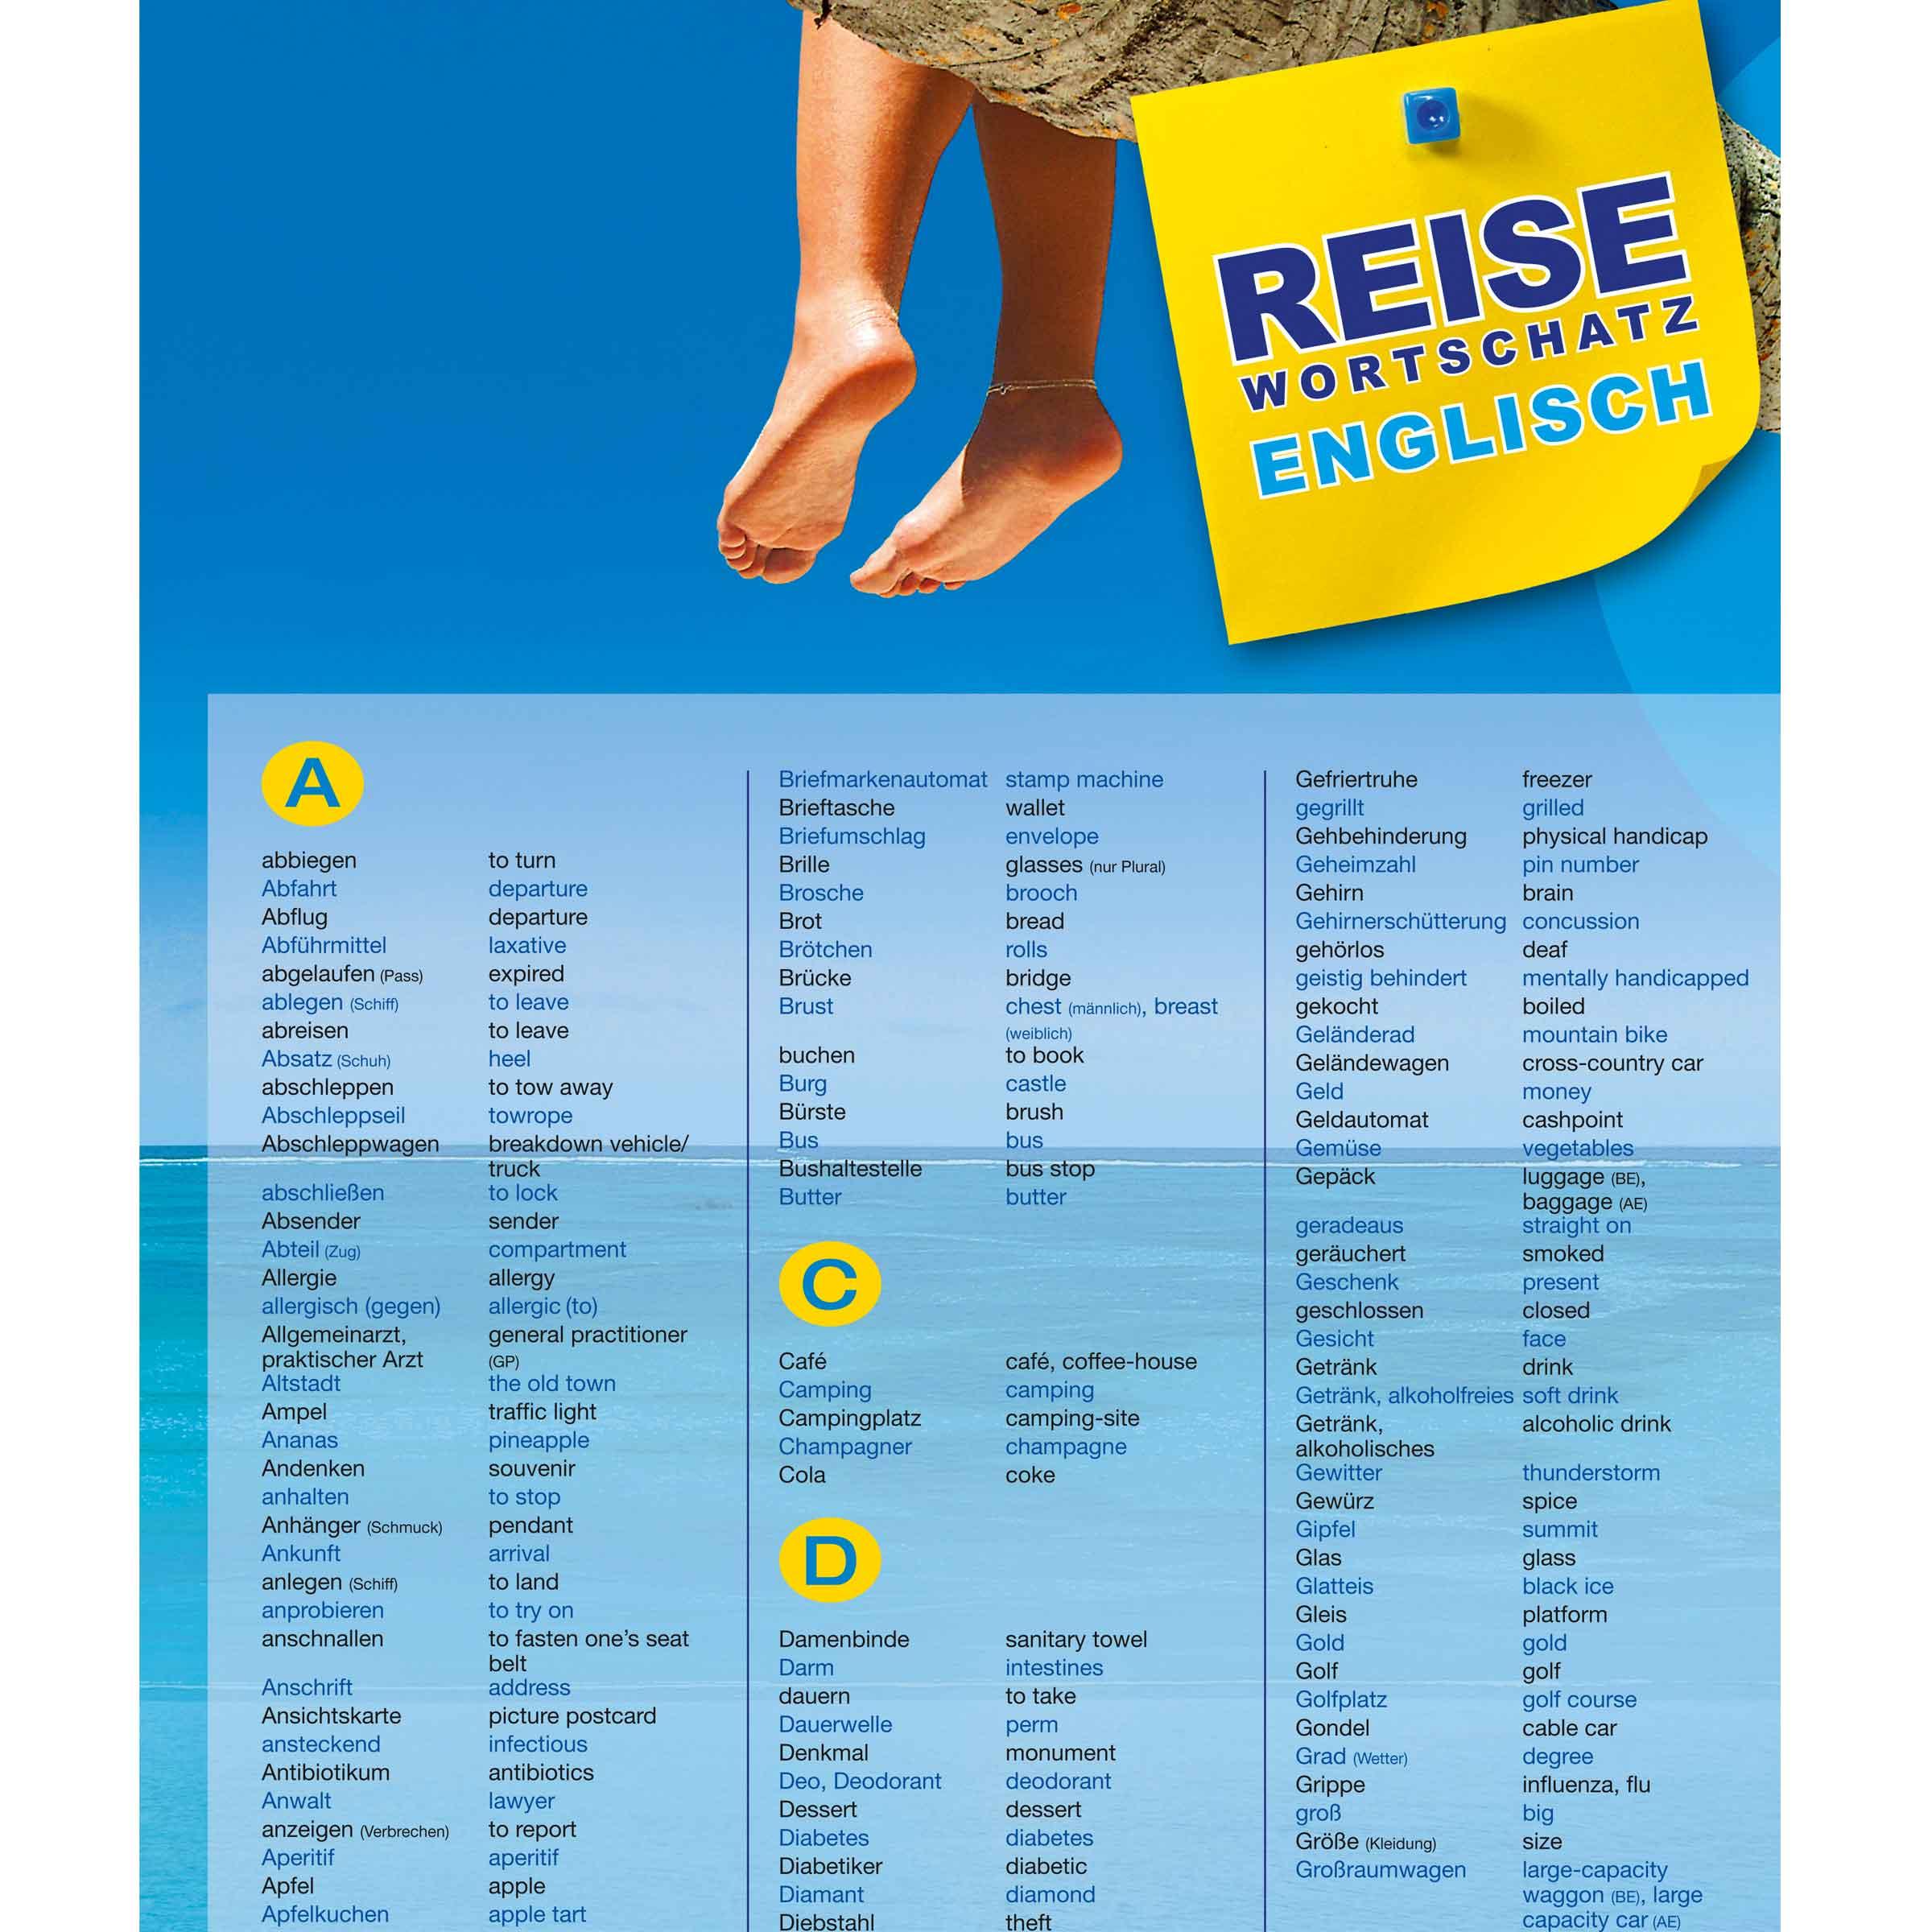 Multibox Reisewortschatz Englisch Dnf Verlag